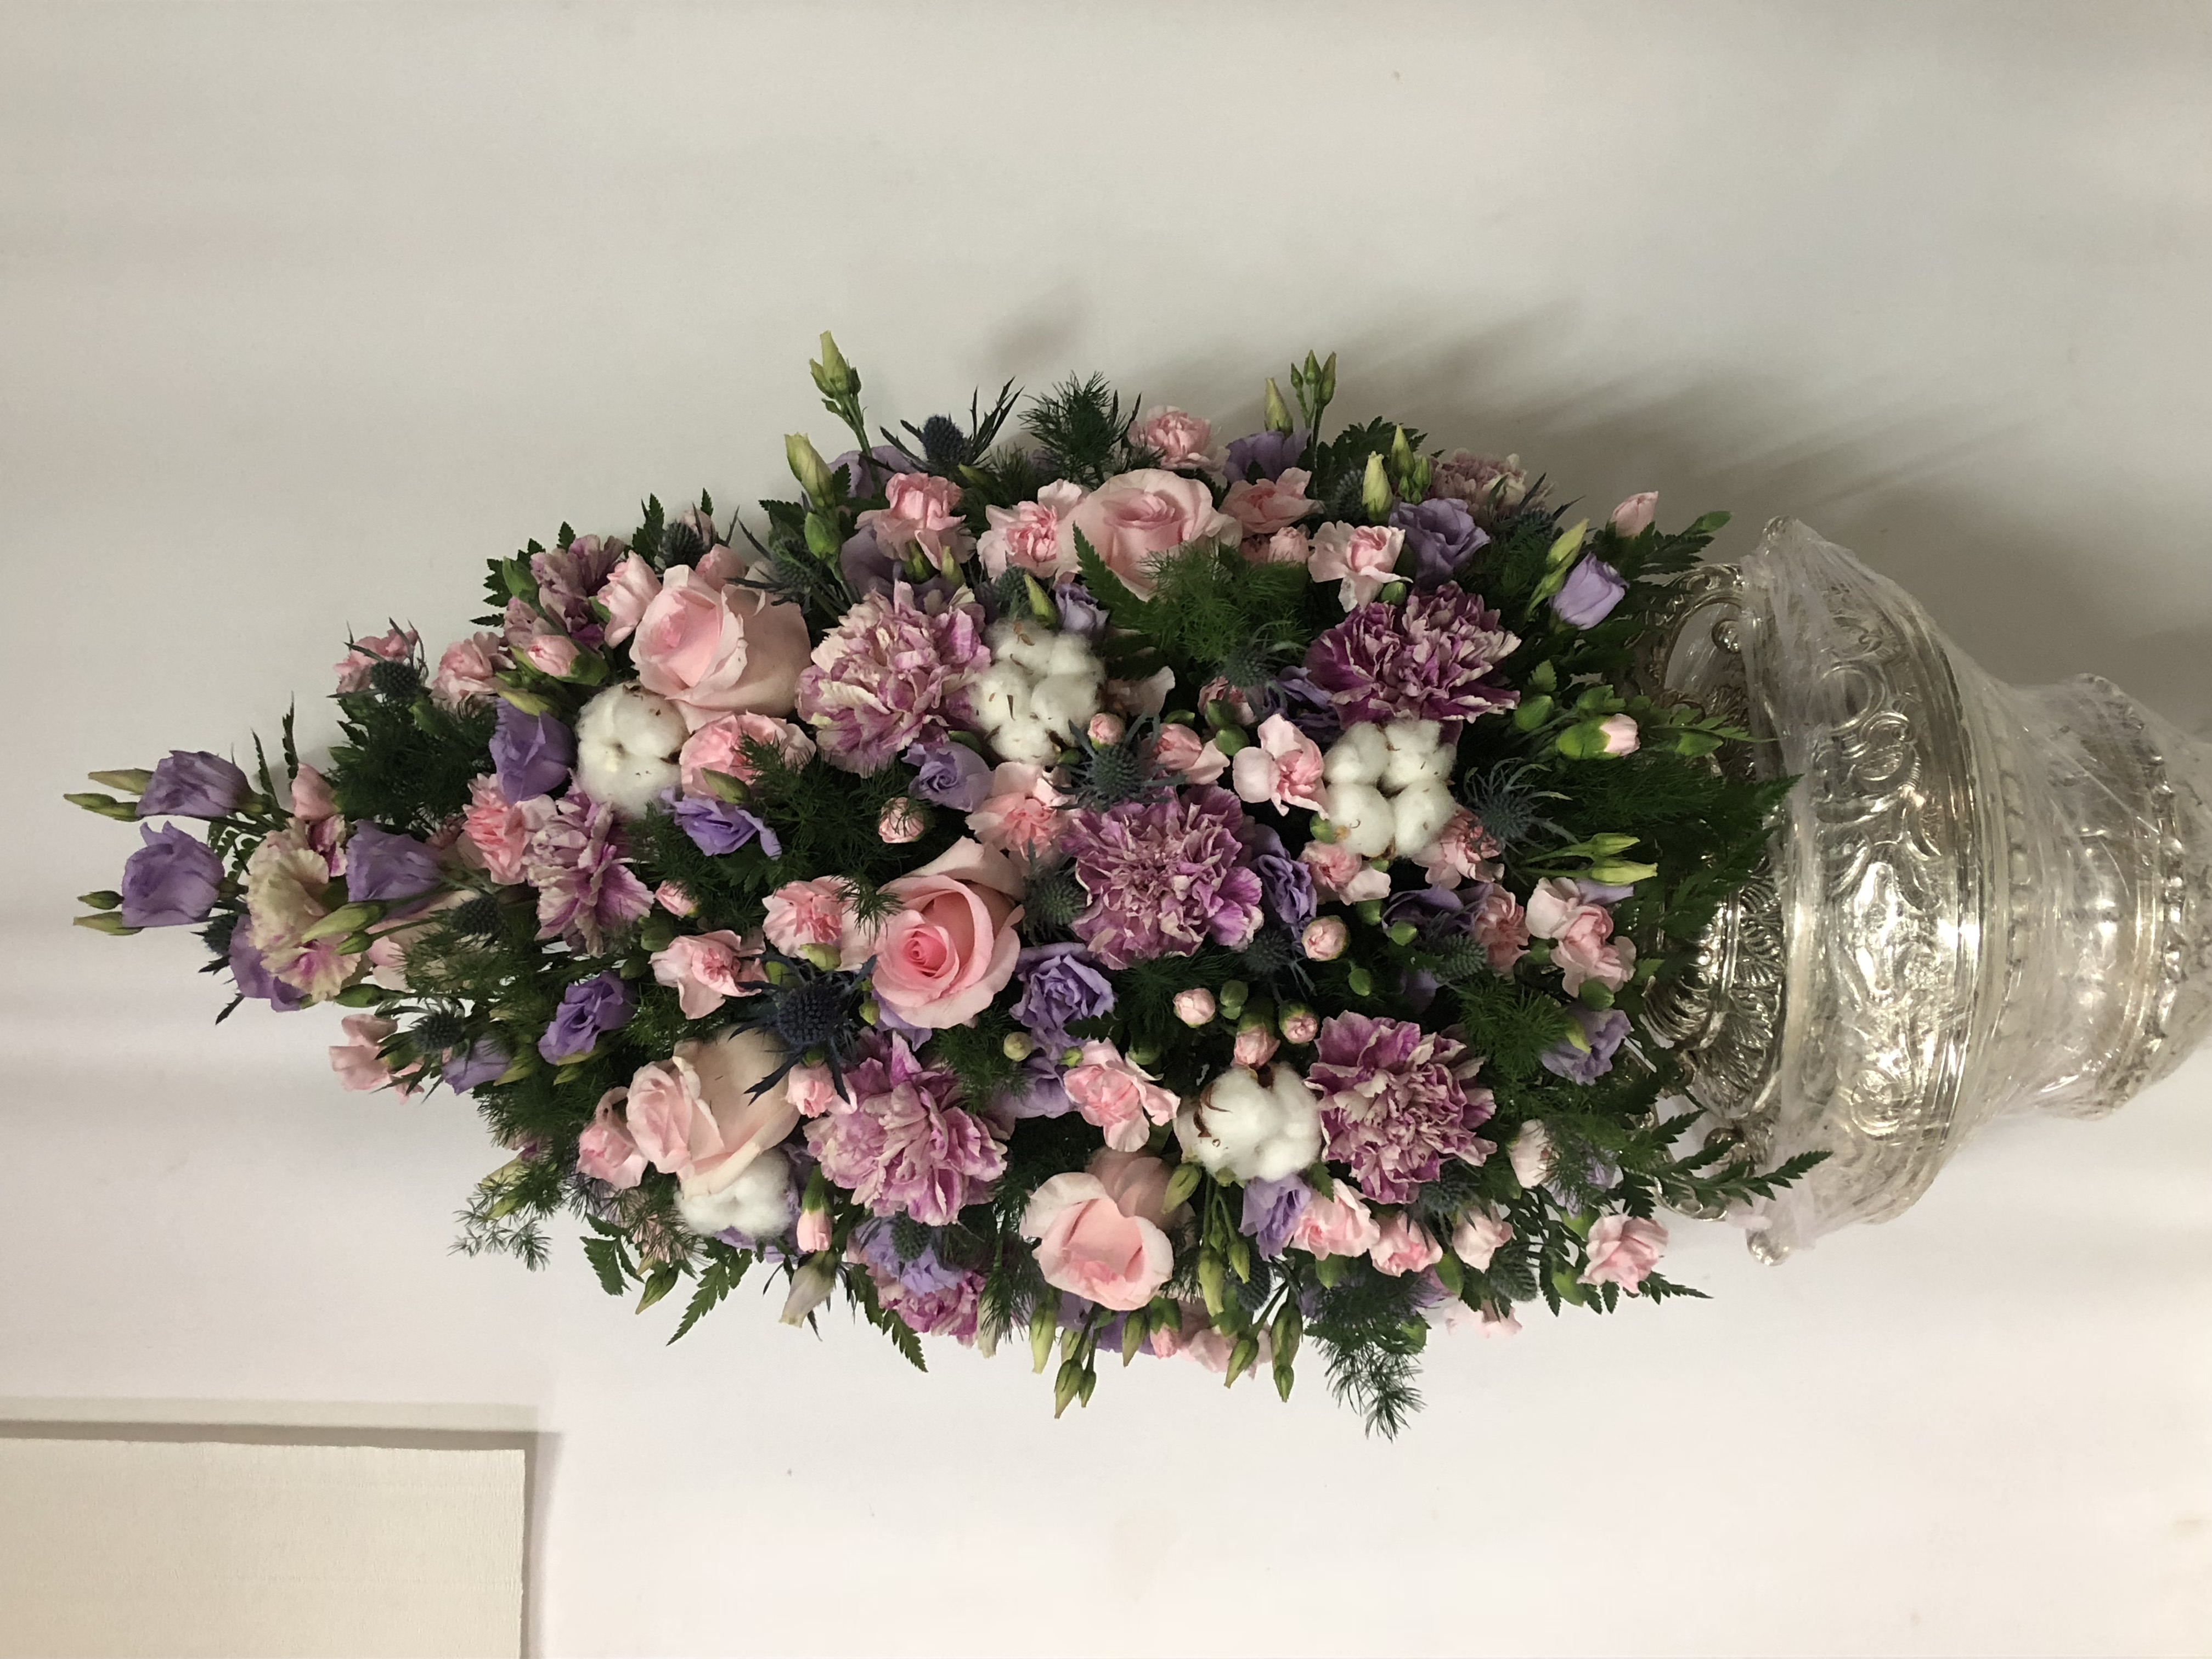 Pina de flor variada